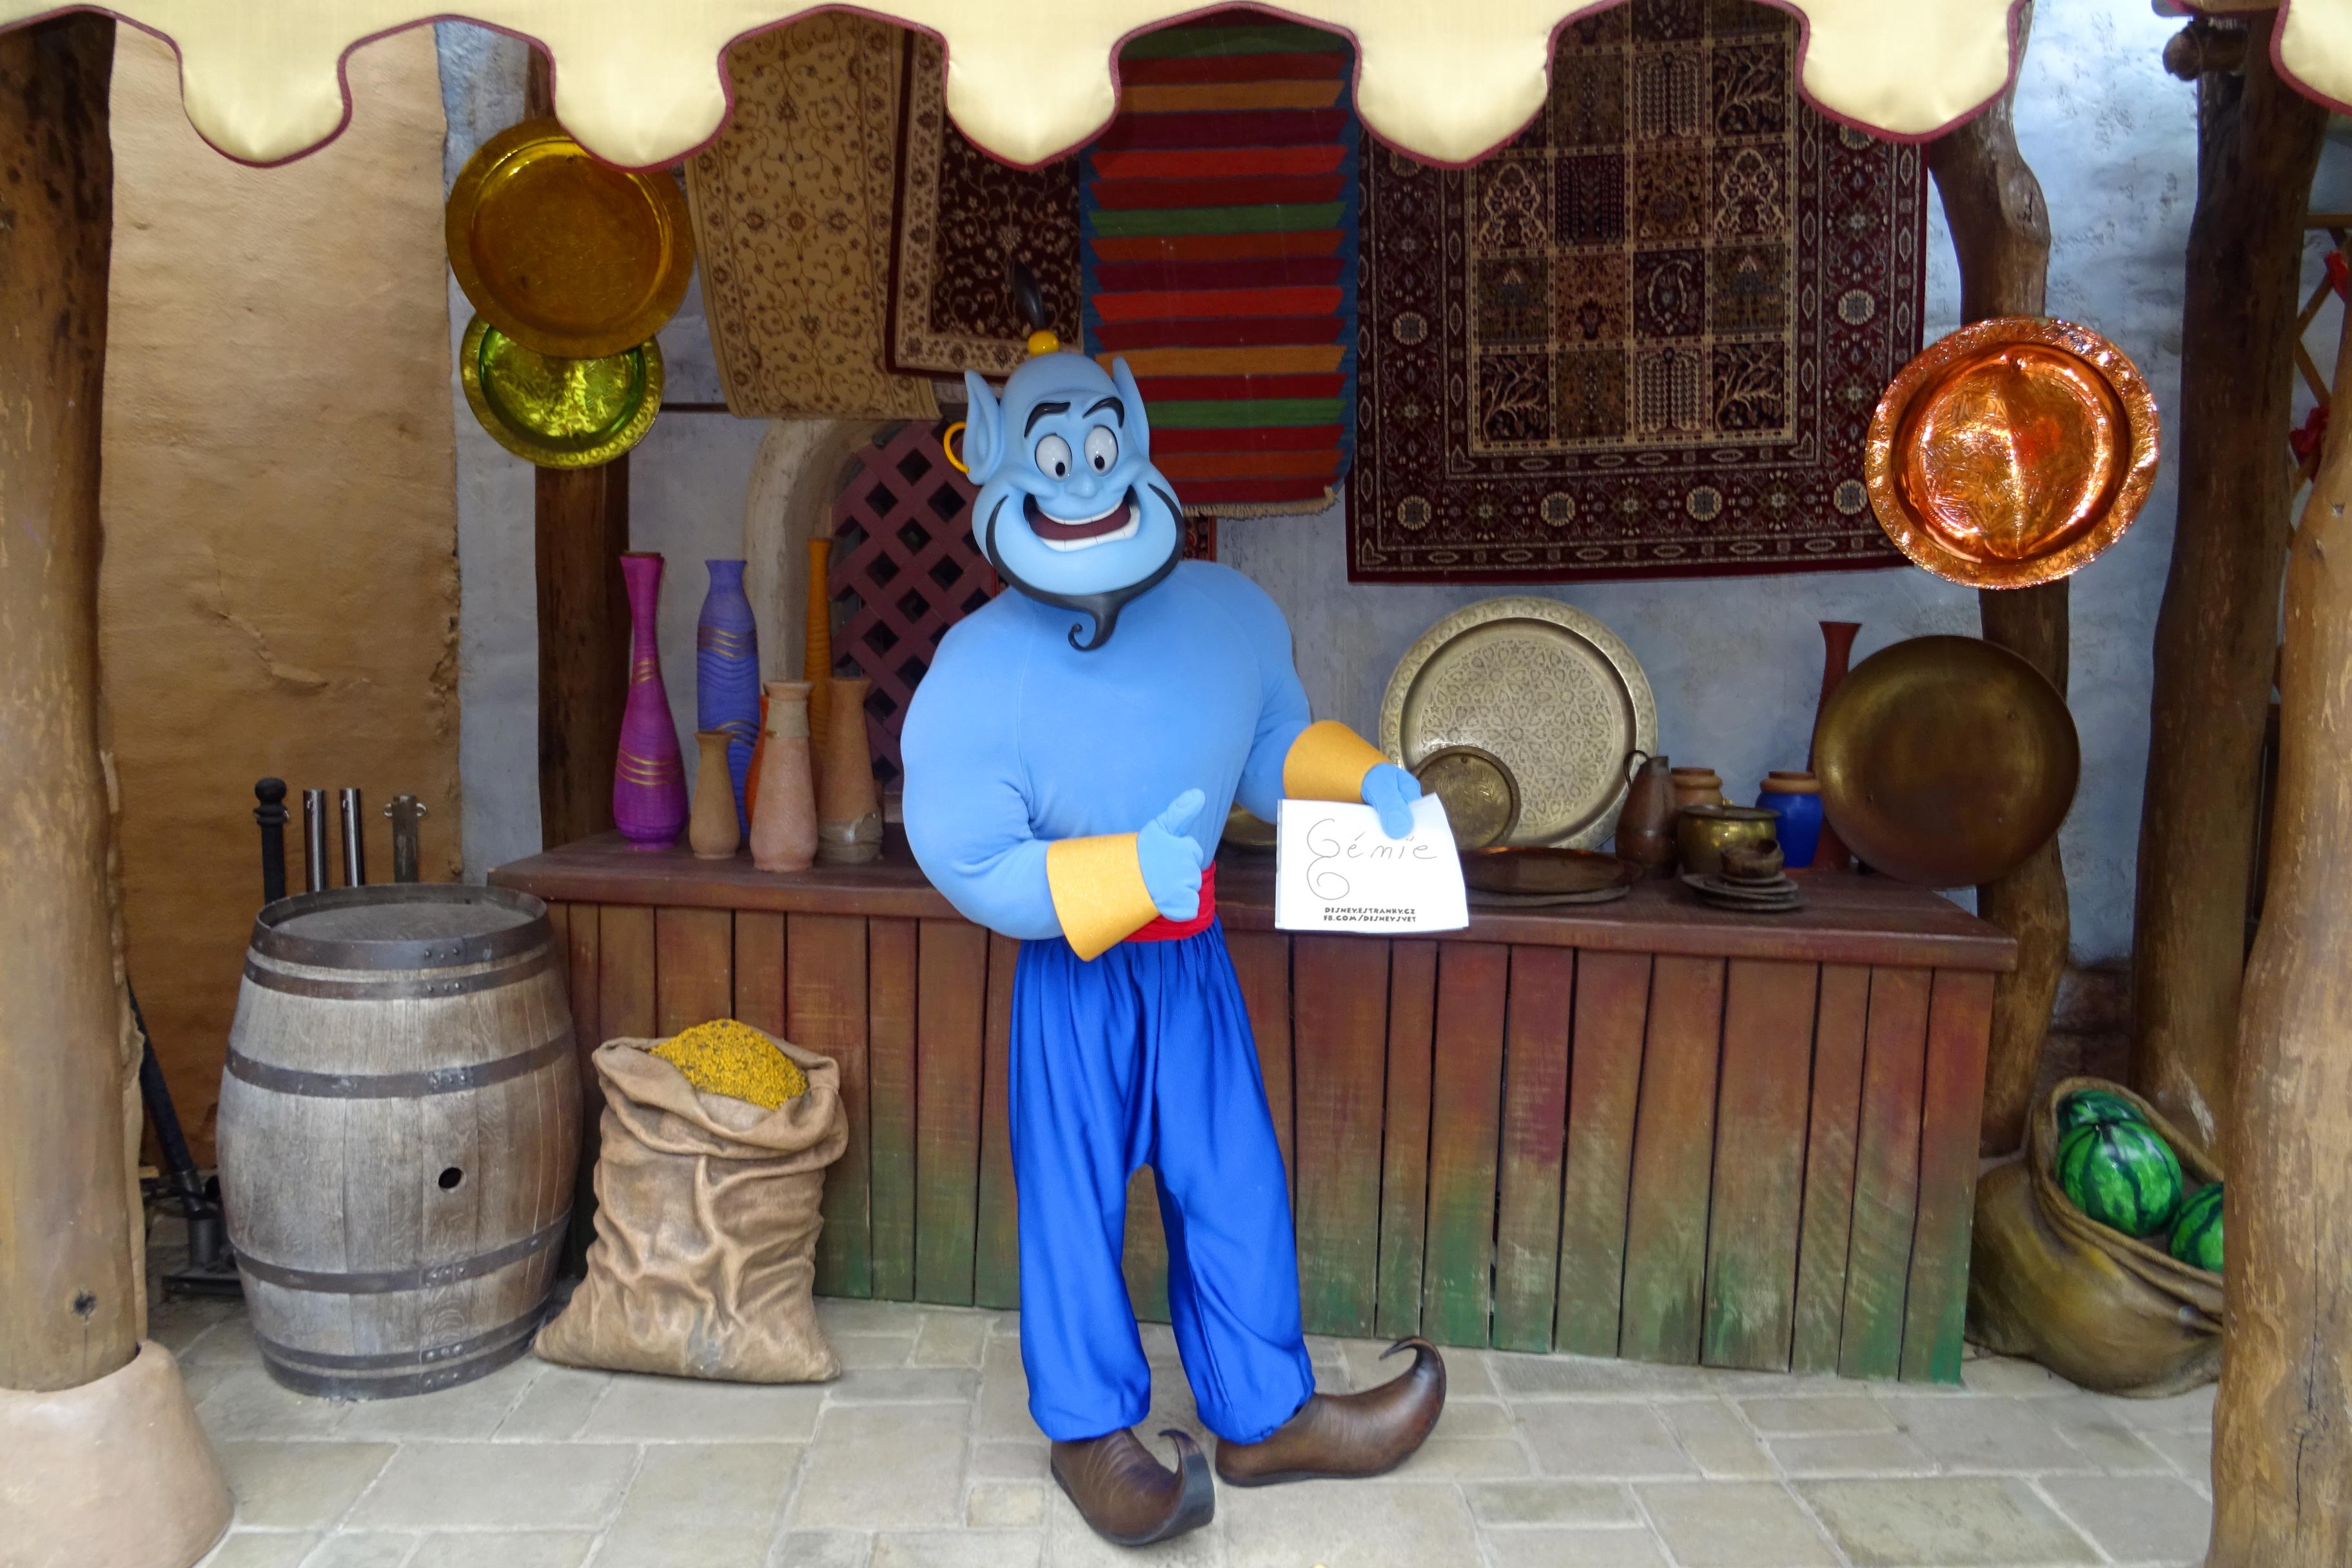 Džin posílá pozdrav českým Disney fanouškům